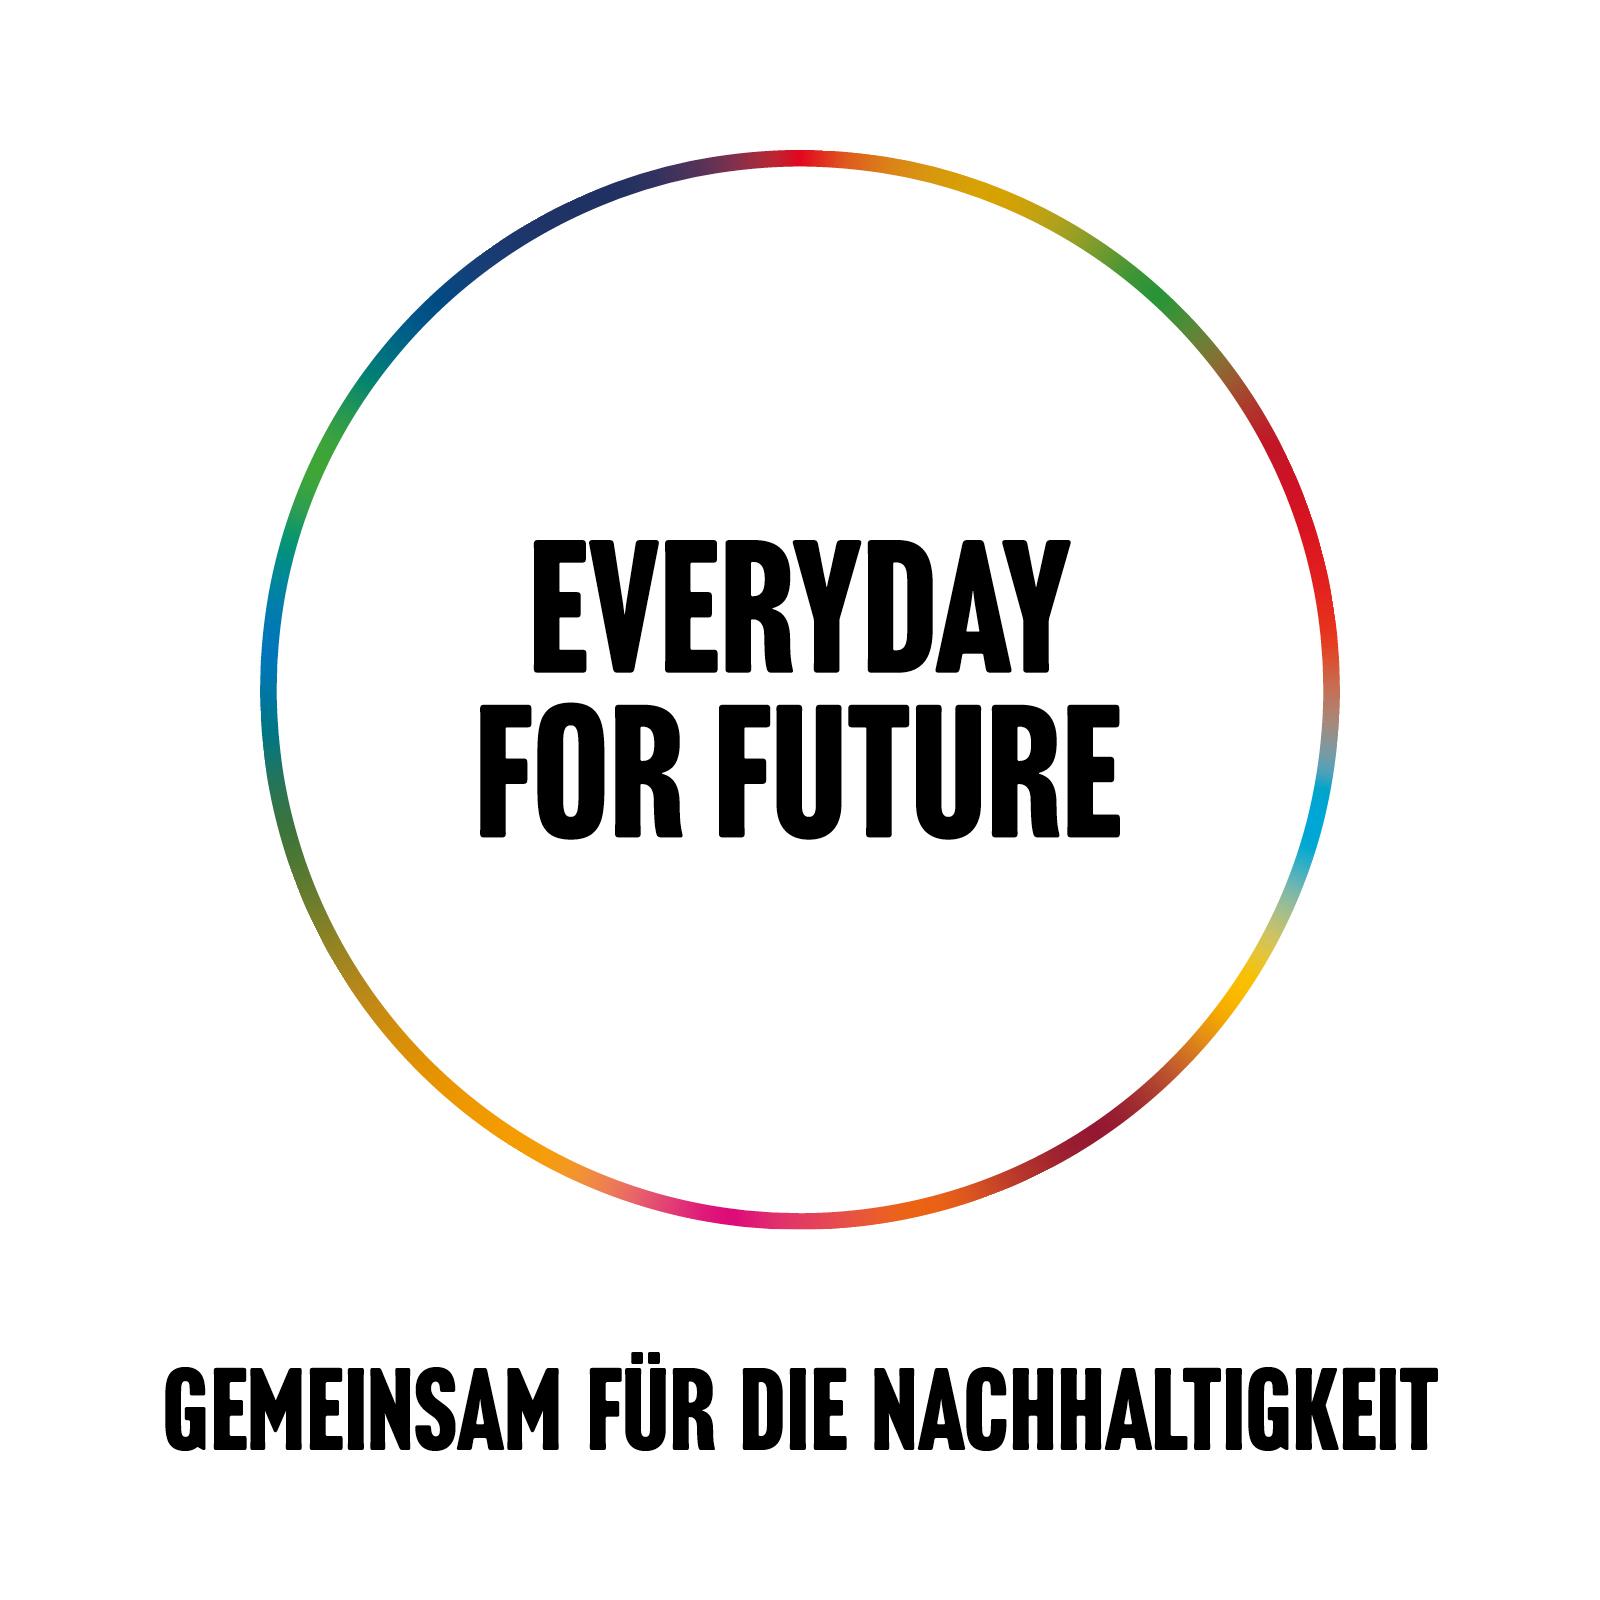 Label Everyday for future - gemeinsam für Nachhaltigkeit